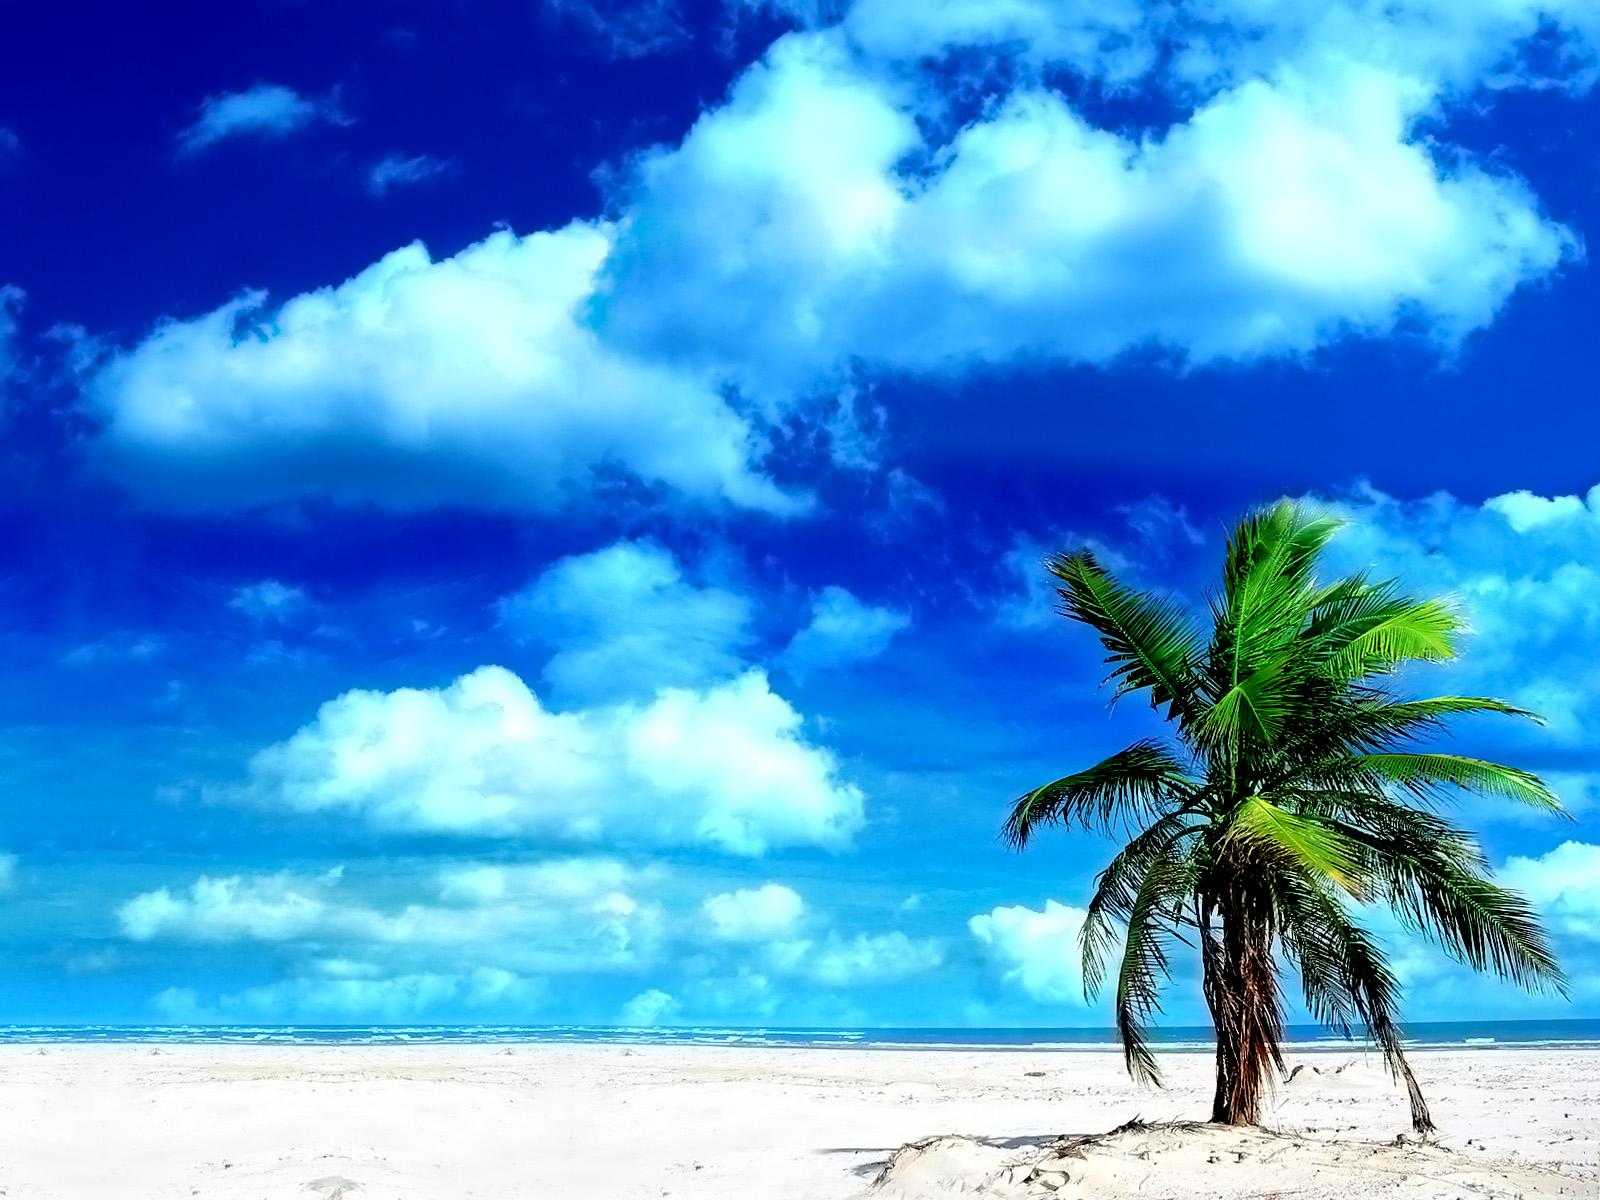 http://1.bp.blogspot.com/-PLMVCln2hz0/TV0NErSnmJI/AAAAAAAAAP4/6gkxUgvWVvI/s1600/Beach.jpg